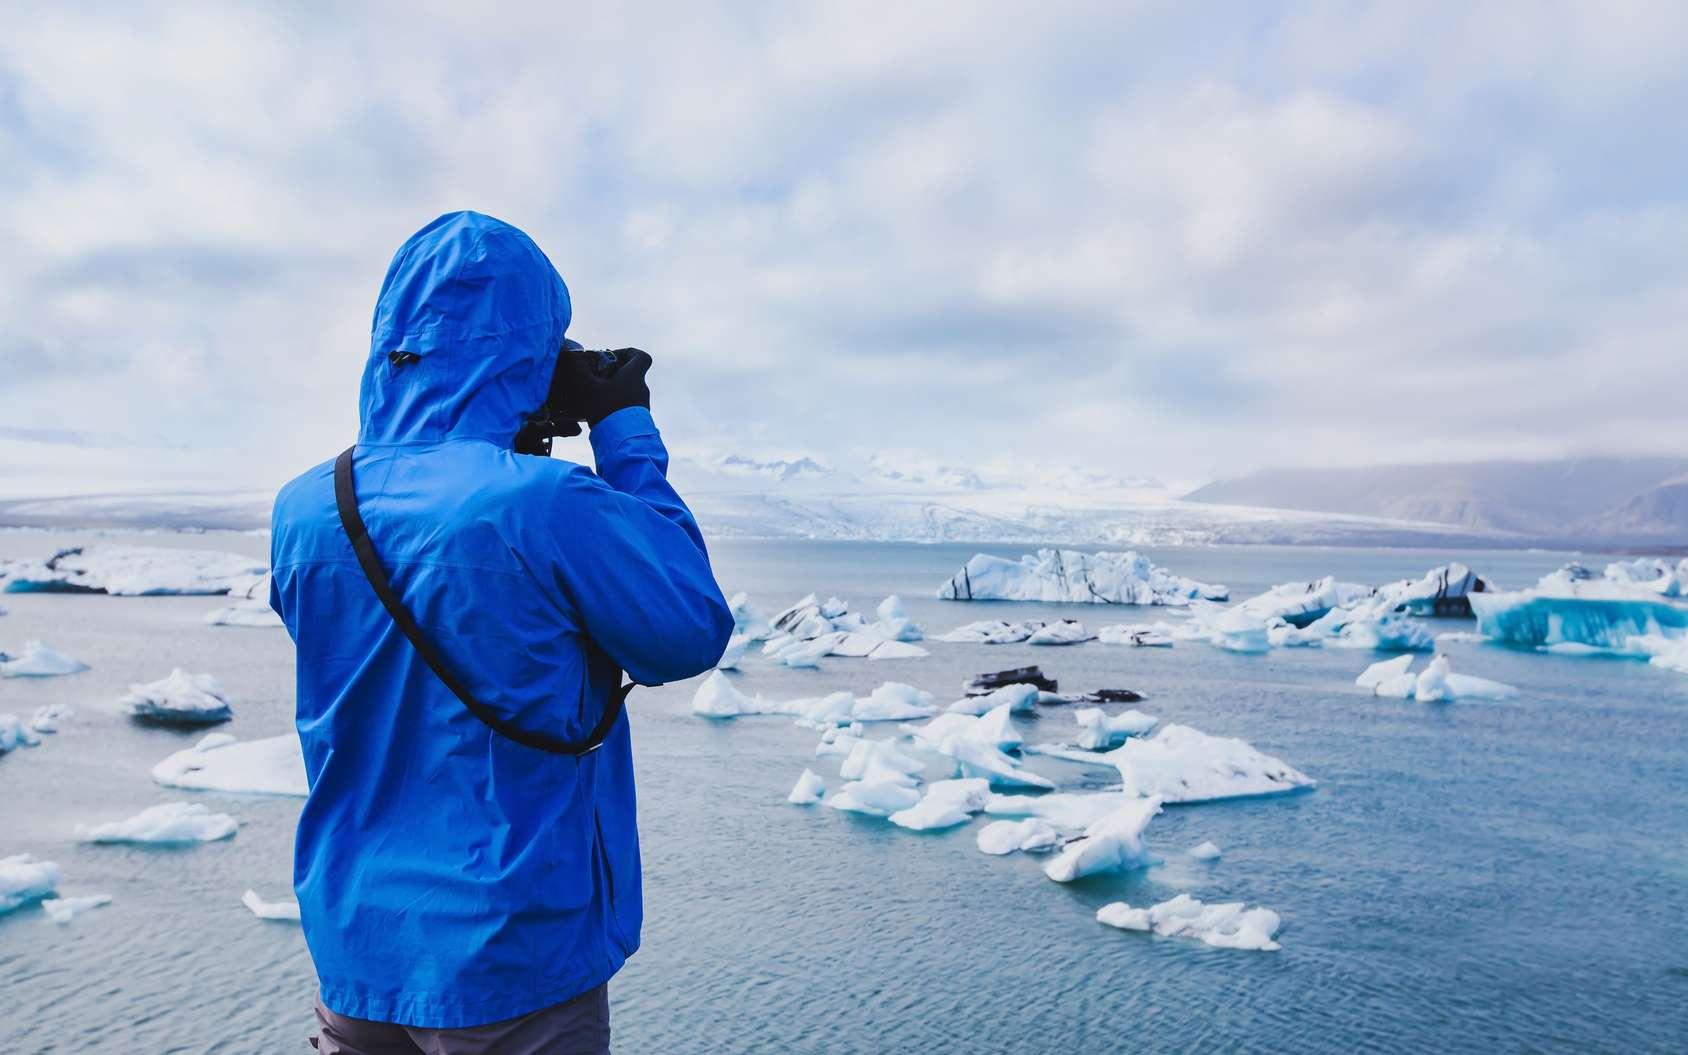 Le Giec a pour mission d'évaluer les risques liés au changement climatique d'origine humaine. © anyaberkut, fotolia